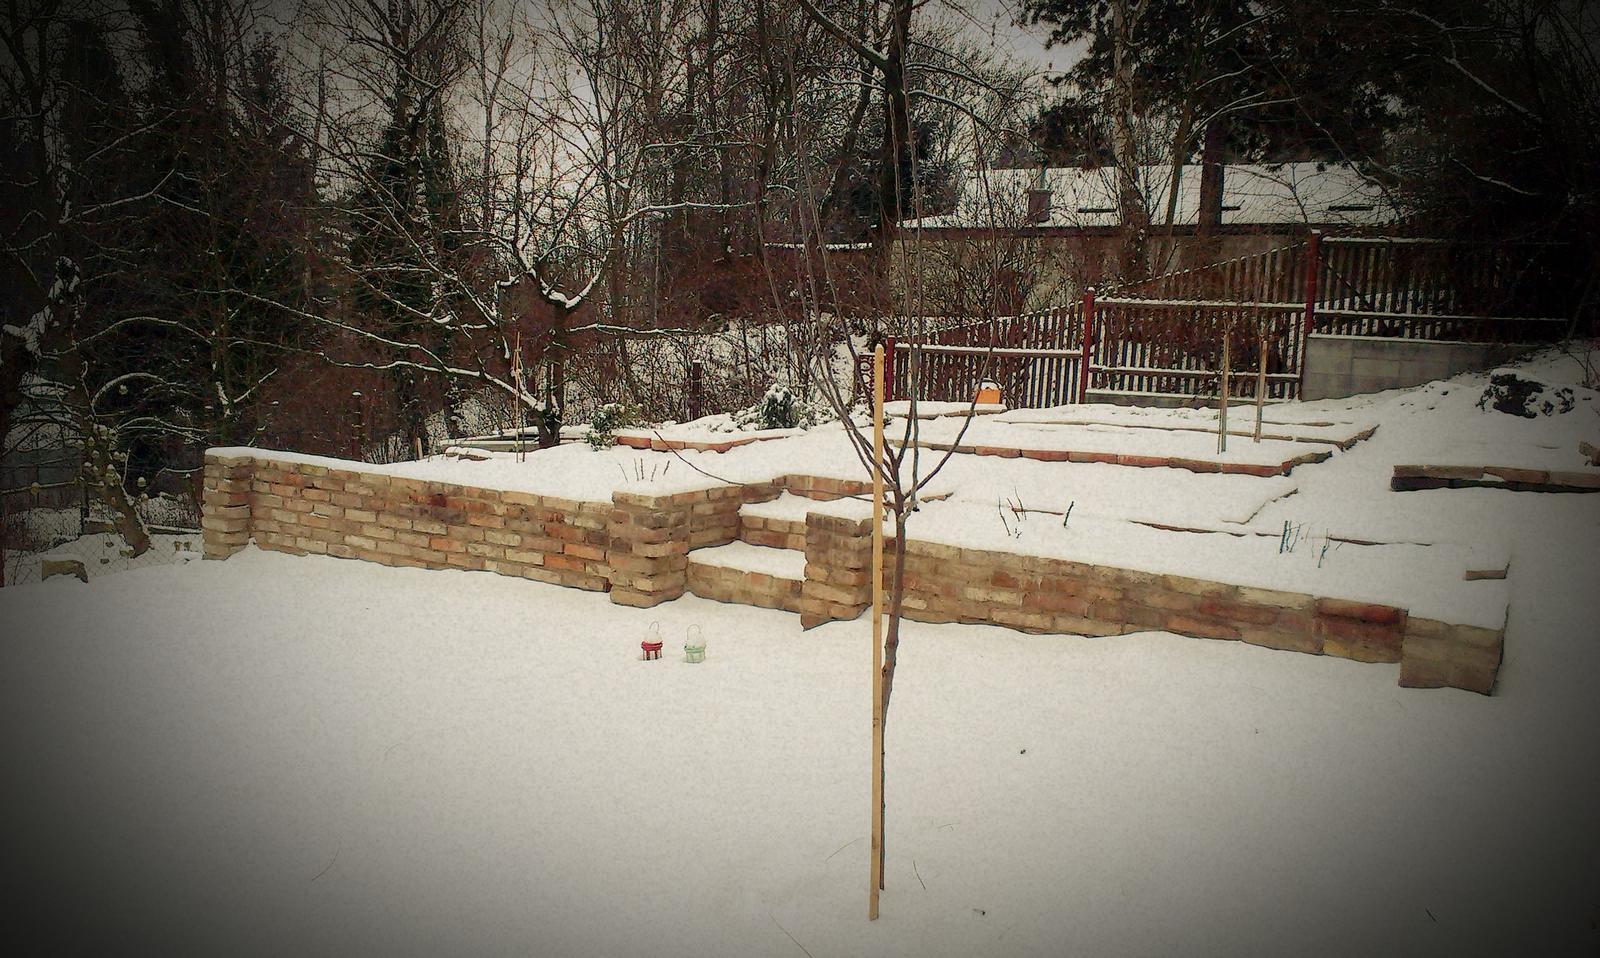 Záhrada - Zimná verzia našej záhrady